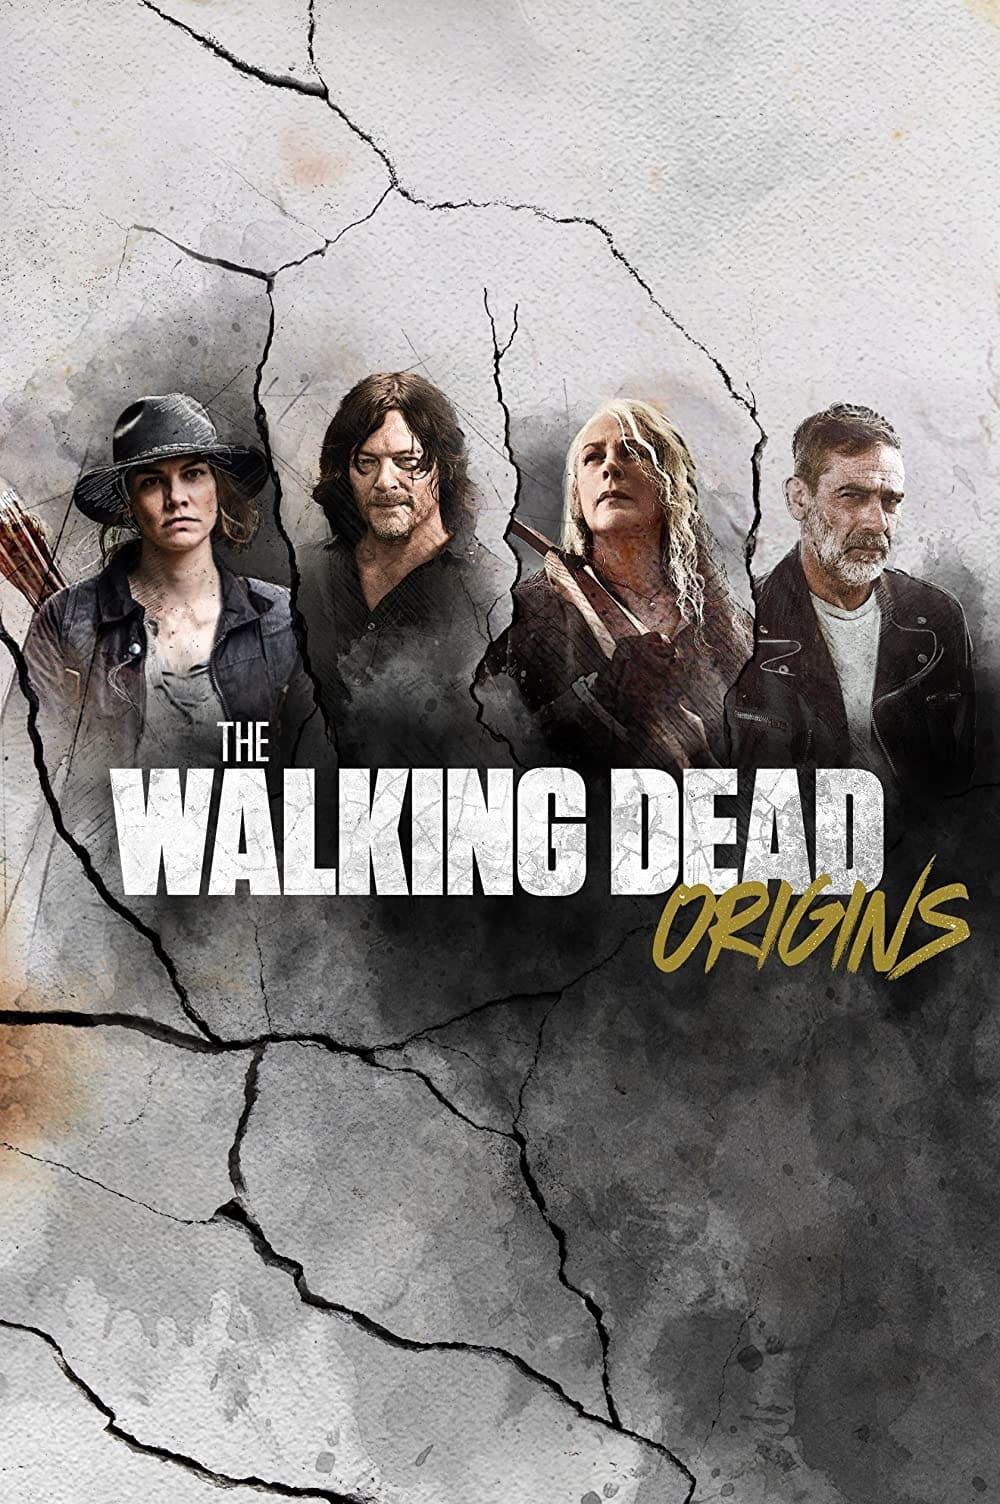 The Walking Dead - Origins